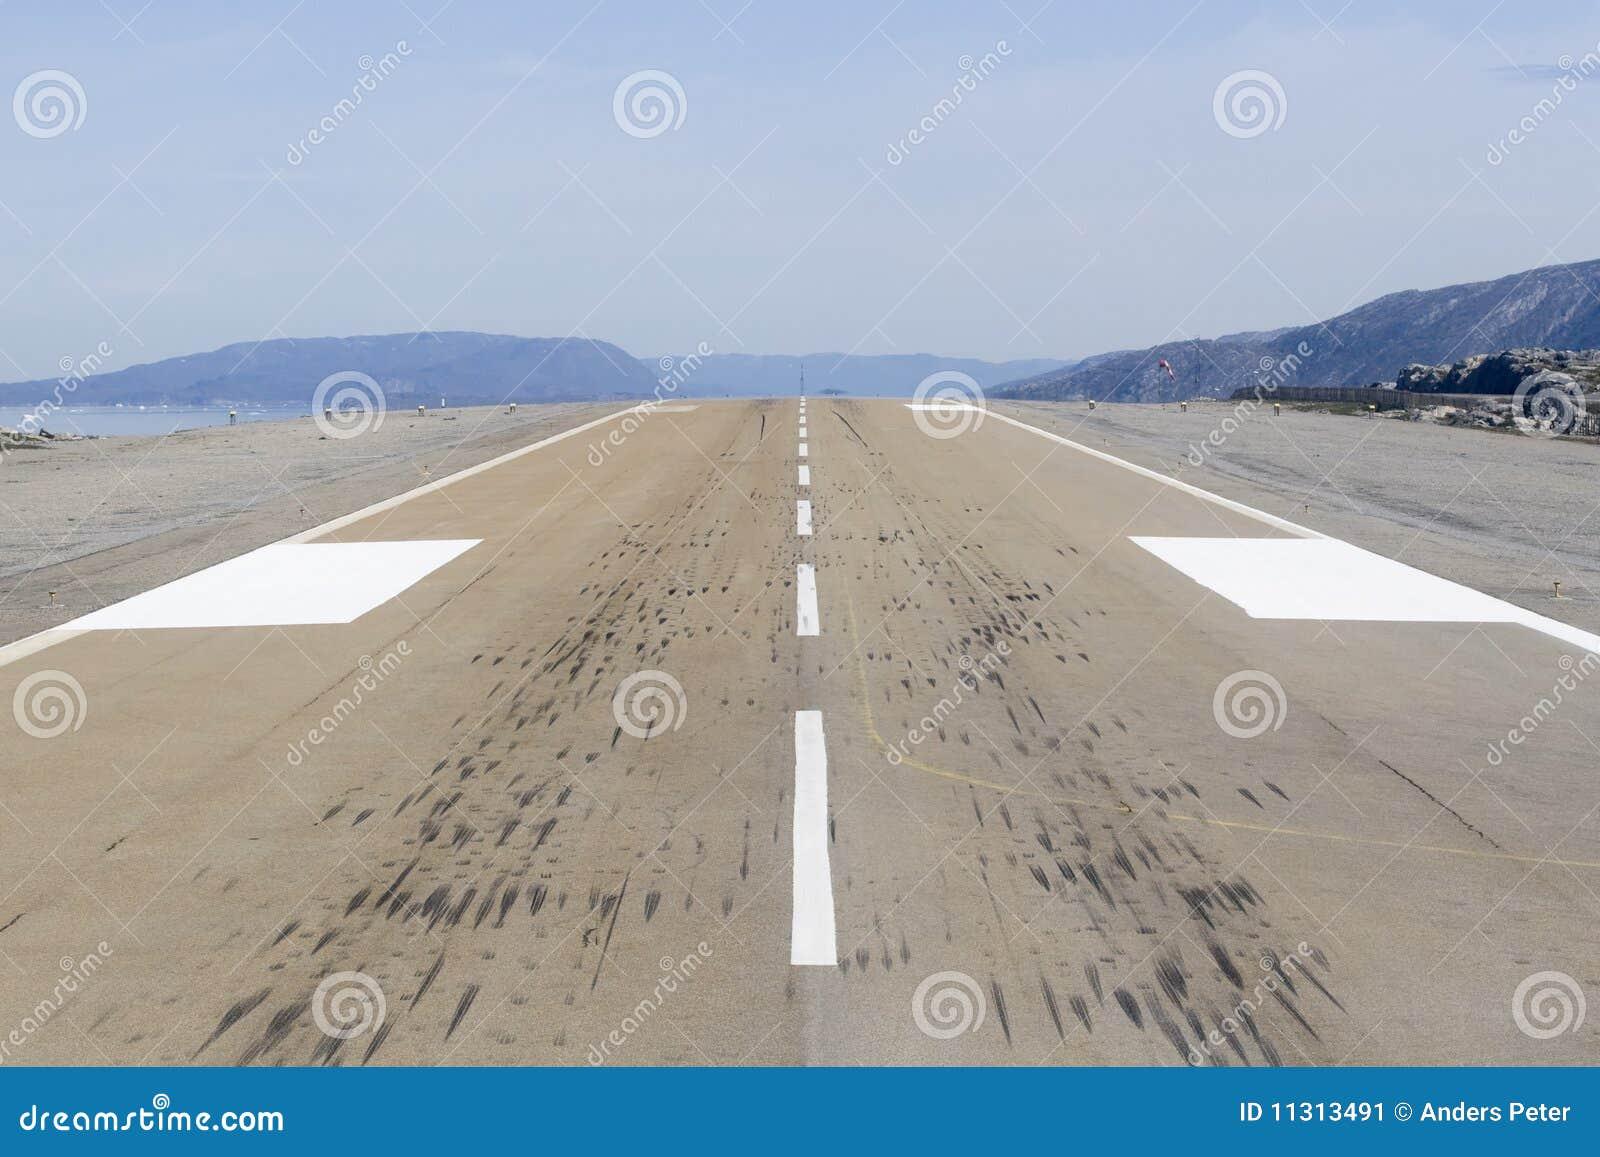 Pista de aterrizaje